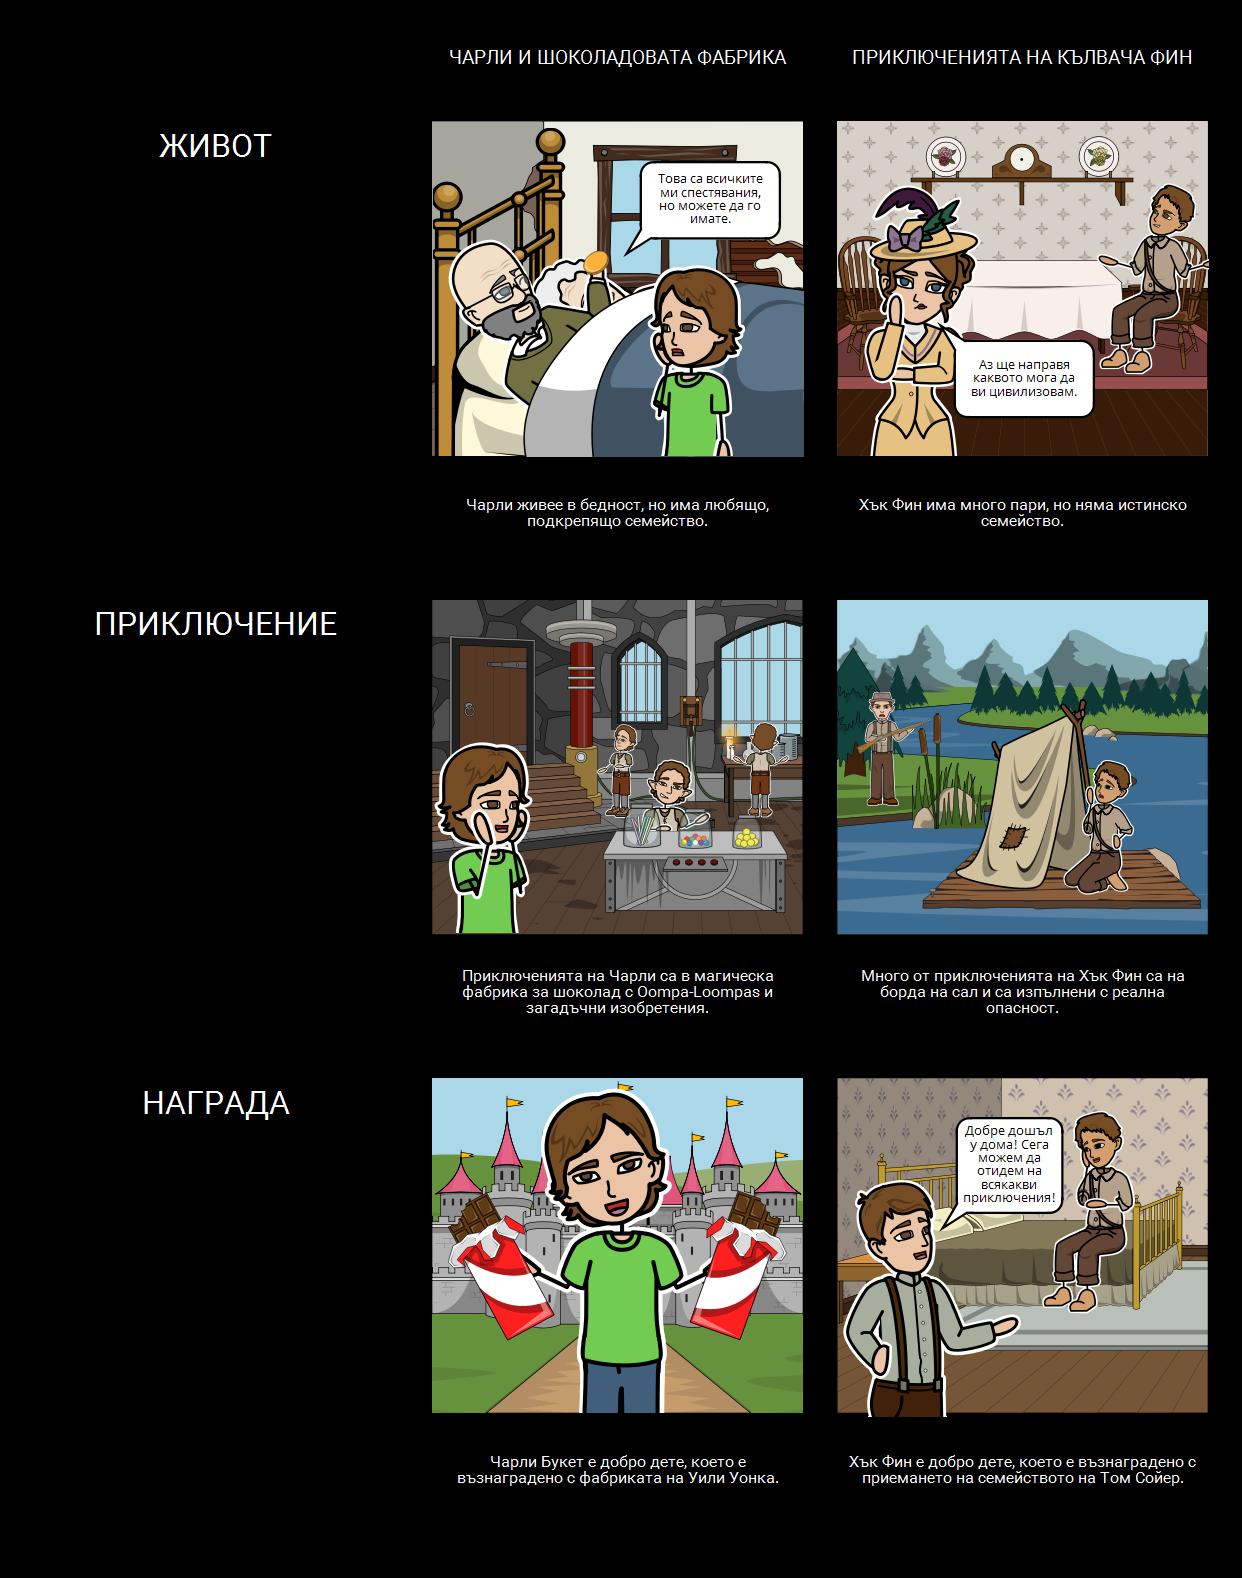 Чарли и Шоколадовата Фабрика - Сравнение / Контраст на Текстове